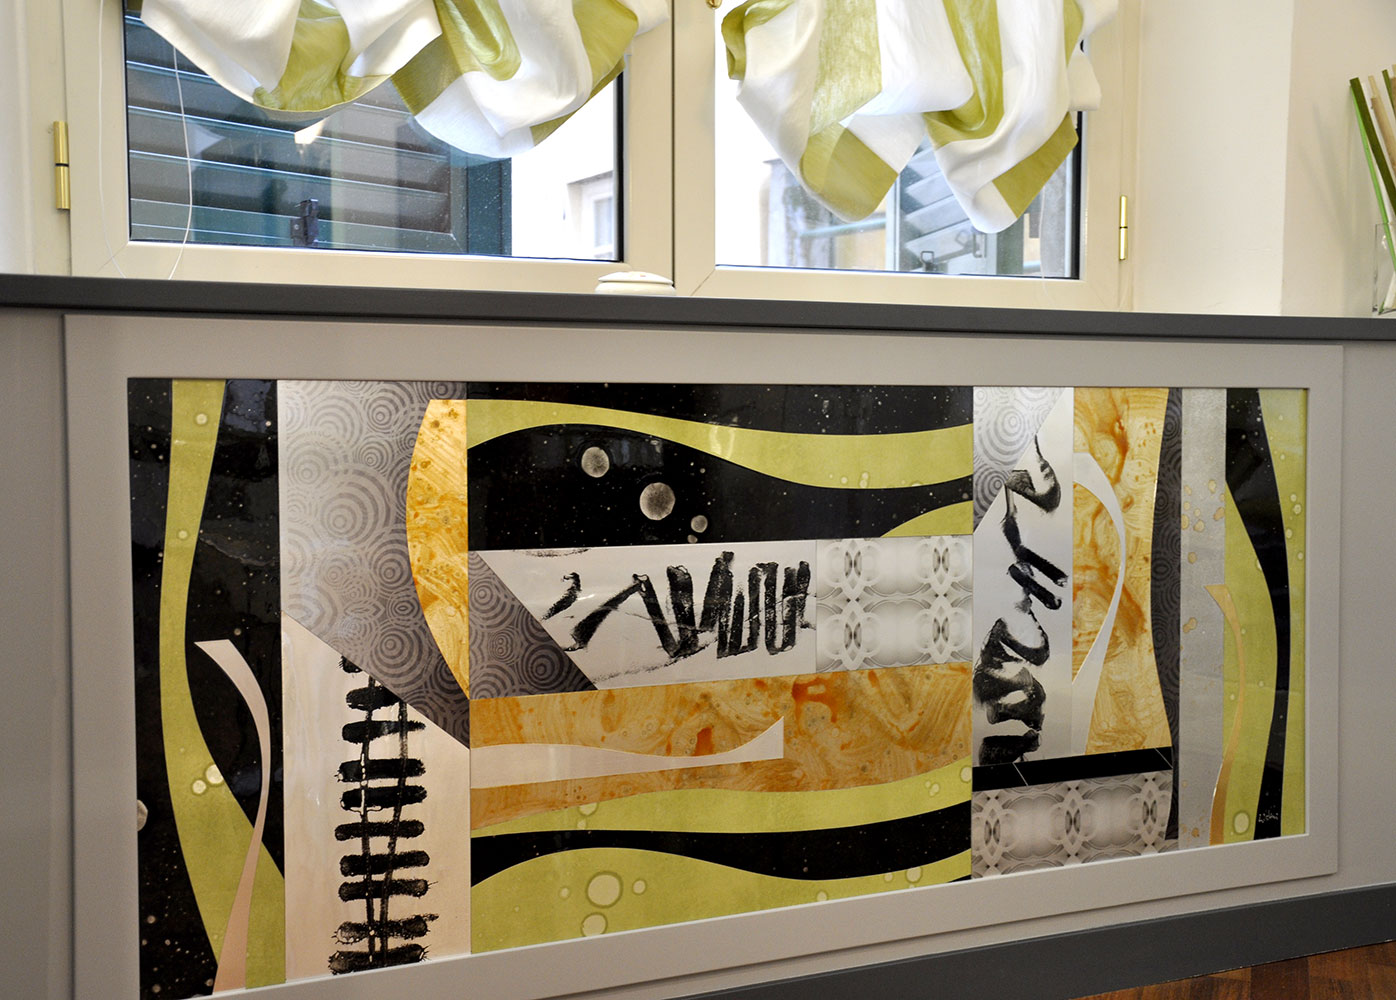 pannelli-decorativi-per-ambienti-privati-12